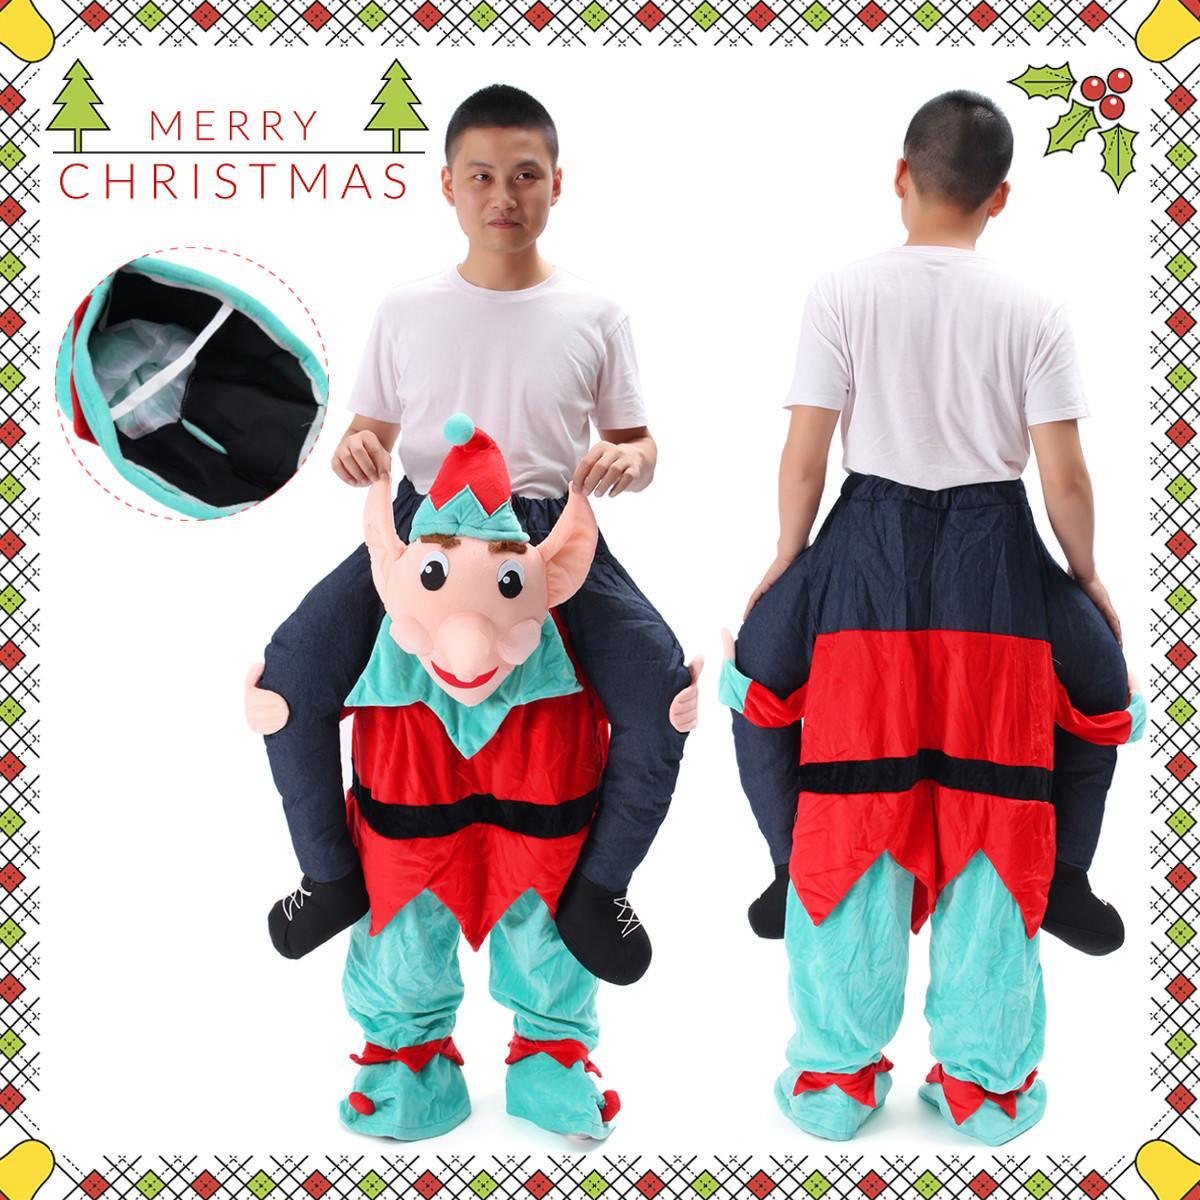 Disfraz de Halloween de duende de Papá Noel, traje de Mascota, vestido de lujo, pantalones divertidos para fiesta de navidad